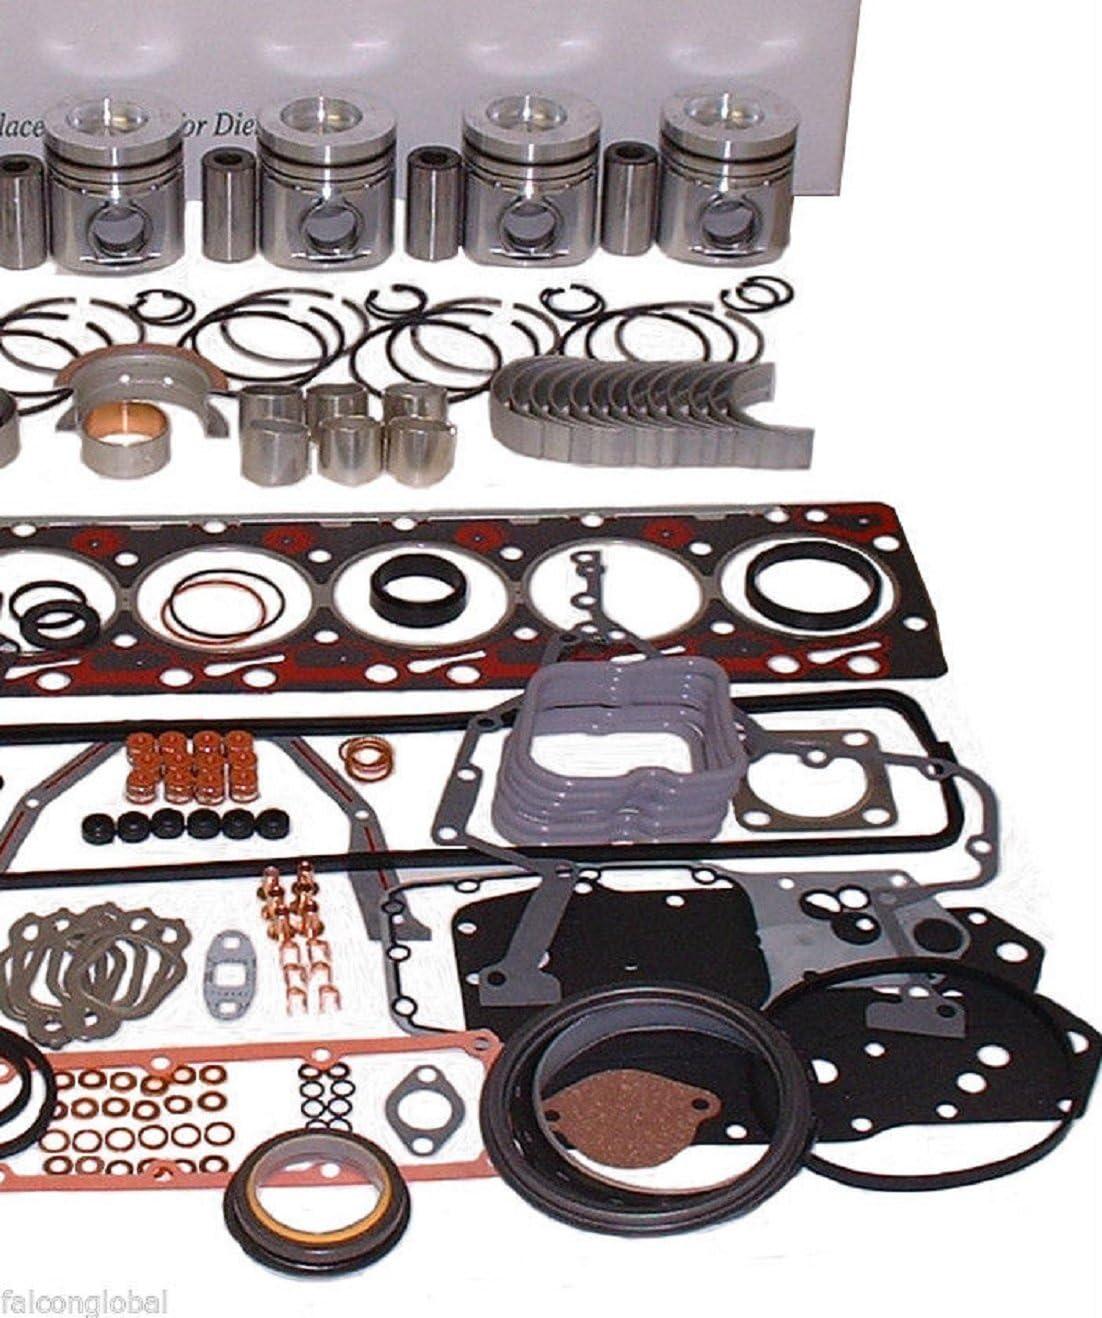 Isuzu Hyster Komatsu engine kit rin forklift Directly managed store Mail order pistons diesel C240